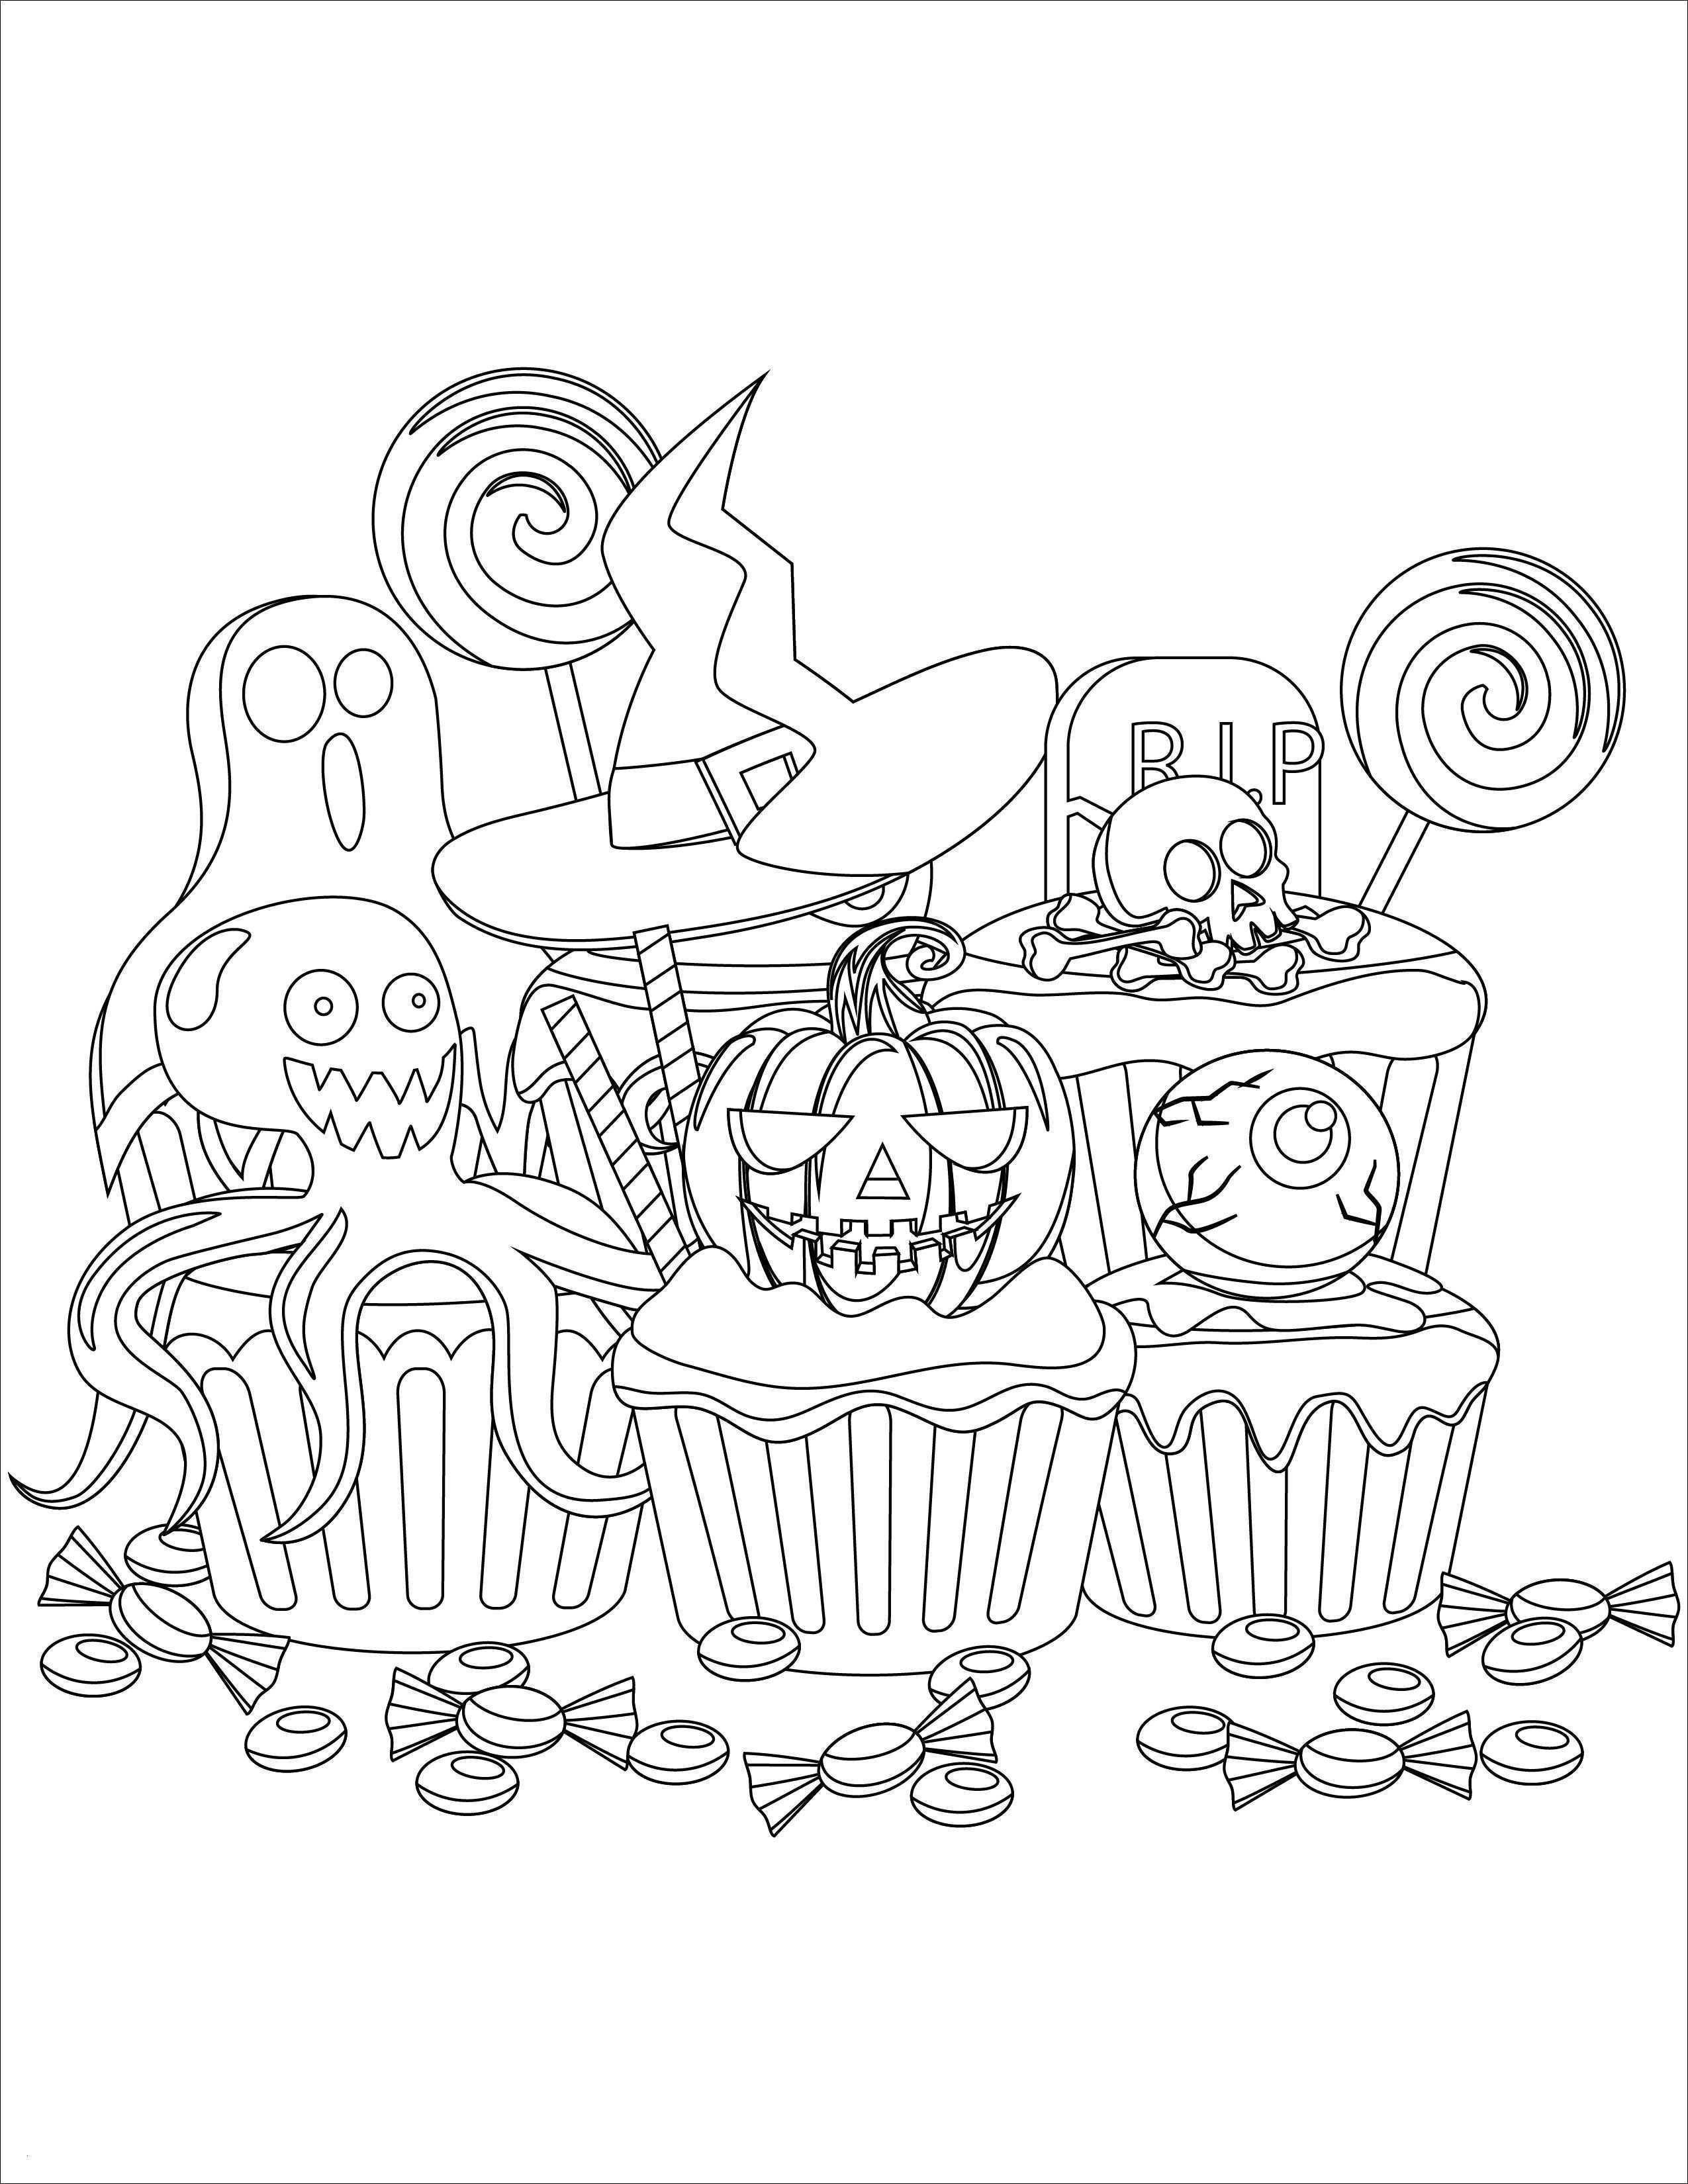 Igel Vorlage Zum Ausdrucken Einzigartig Halloween Ausmalbilder Zum Ausdrucken Ebenbild Malvorlagen Igel Das Bild